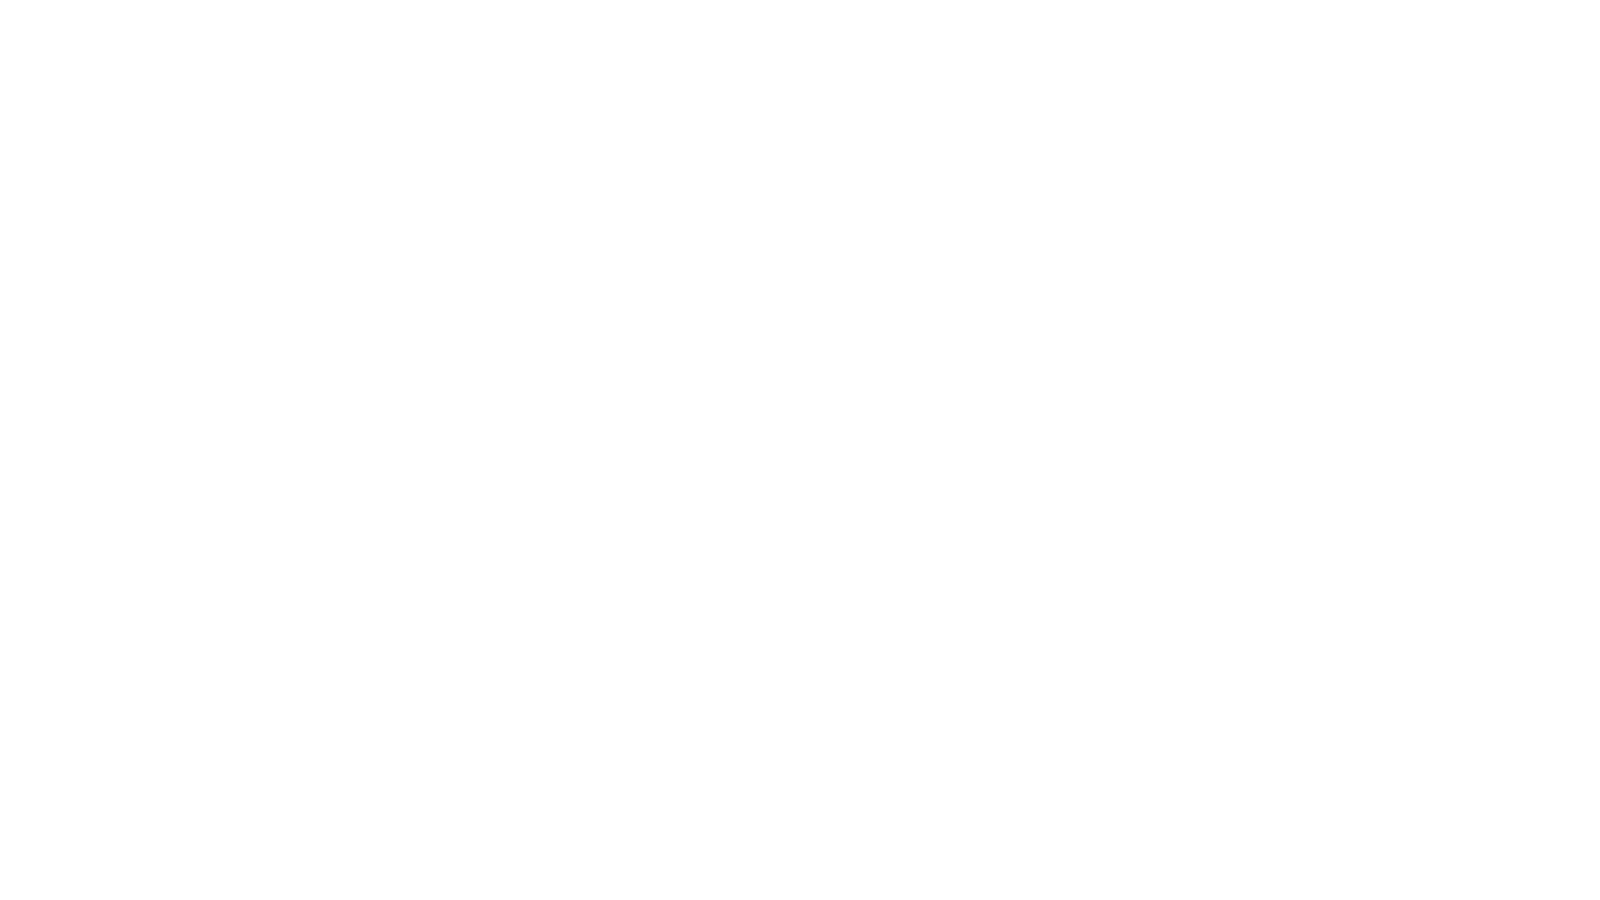 Software de Valoración de Coberturas: https://margenes.com.co/lcoberturasfinancieras/  Adicomex y Márgenes - Banca de Inversión han creado una conferencia para tesoreros, directores financieros y profesionales contables, donde explicamos,  de manera práctica, los mejores métodos de valoración de coberturas forward para NIIF plenas y NIIF Pymes con los principios de NIIF 9.  Márgenes - Banca de Inversión www.margenes.com.co